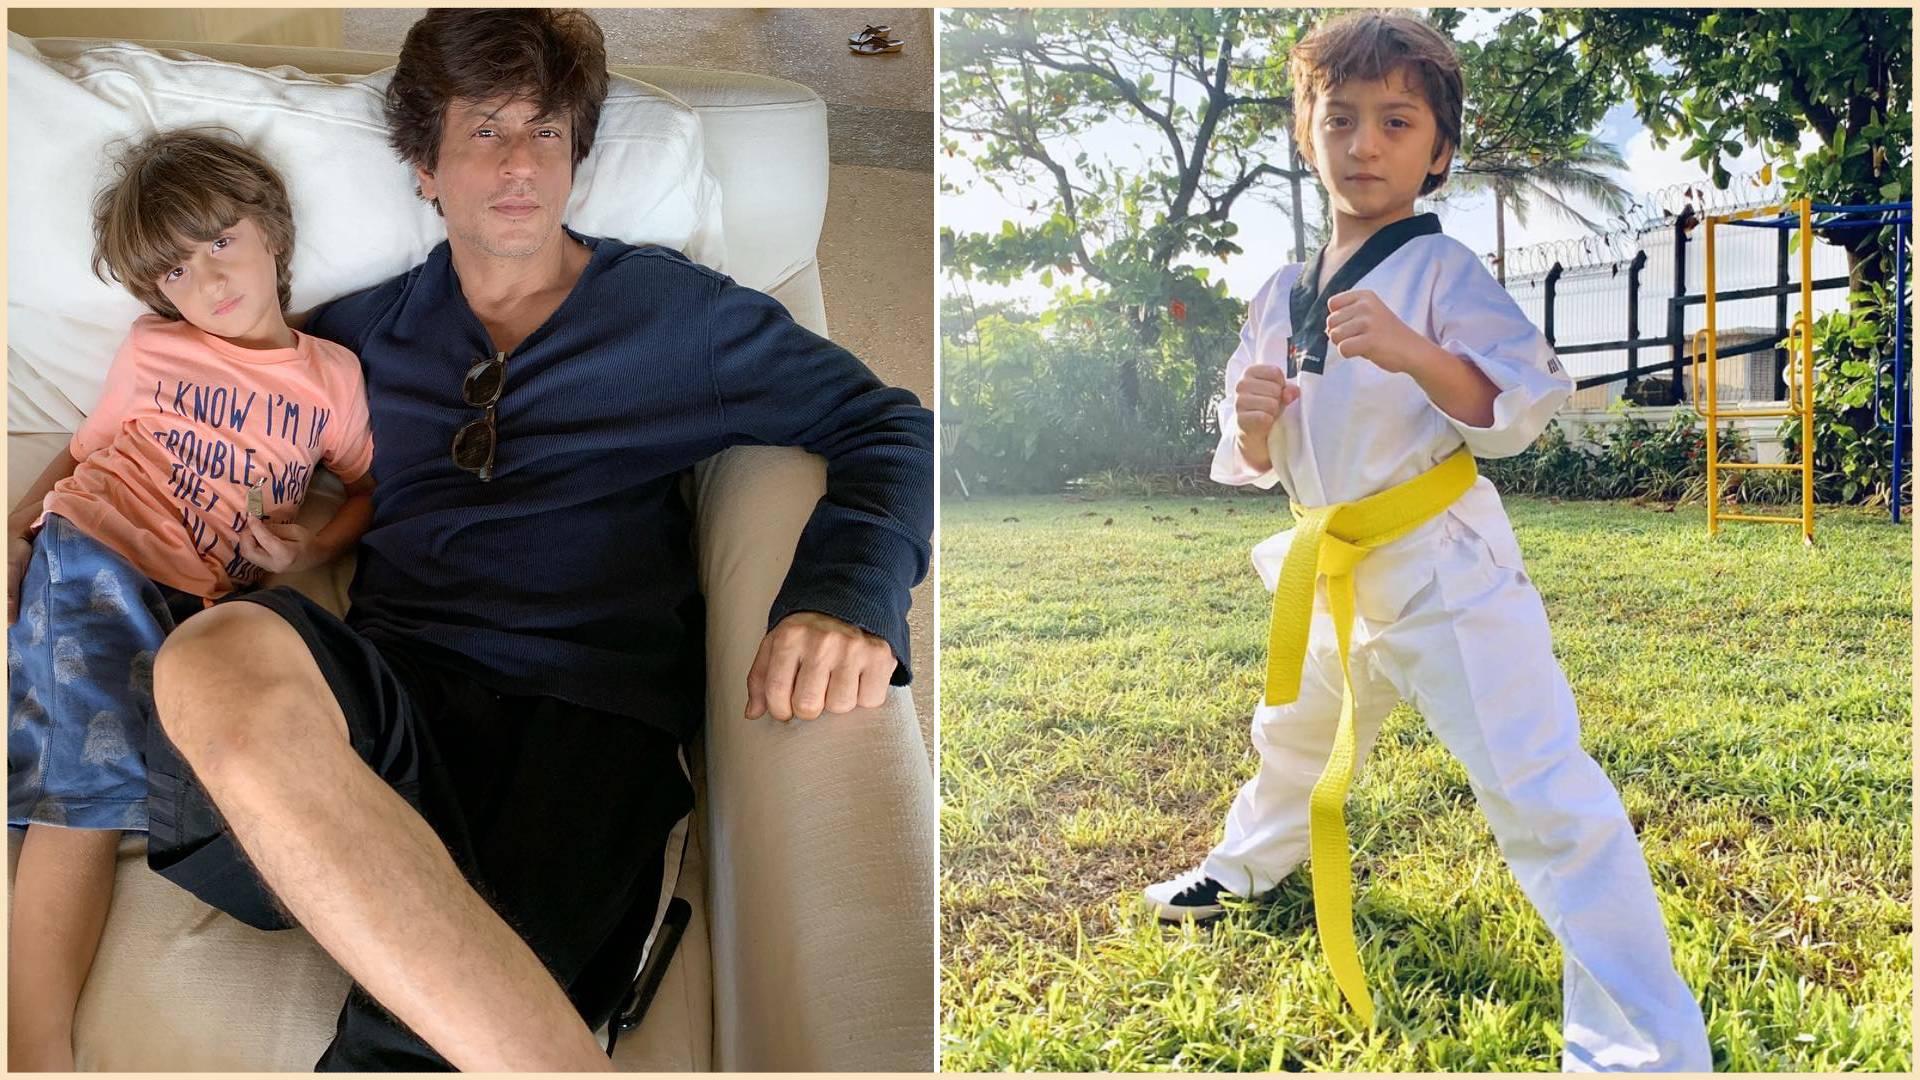 खान परिवार की परंपरा आगे बढ़ा रहे हैं शाहरुख खान के लाडले अबराम, ताइक्वांडो में मिली येलो बेल्ट, वीडियो वायरल